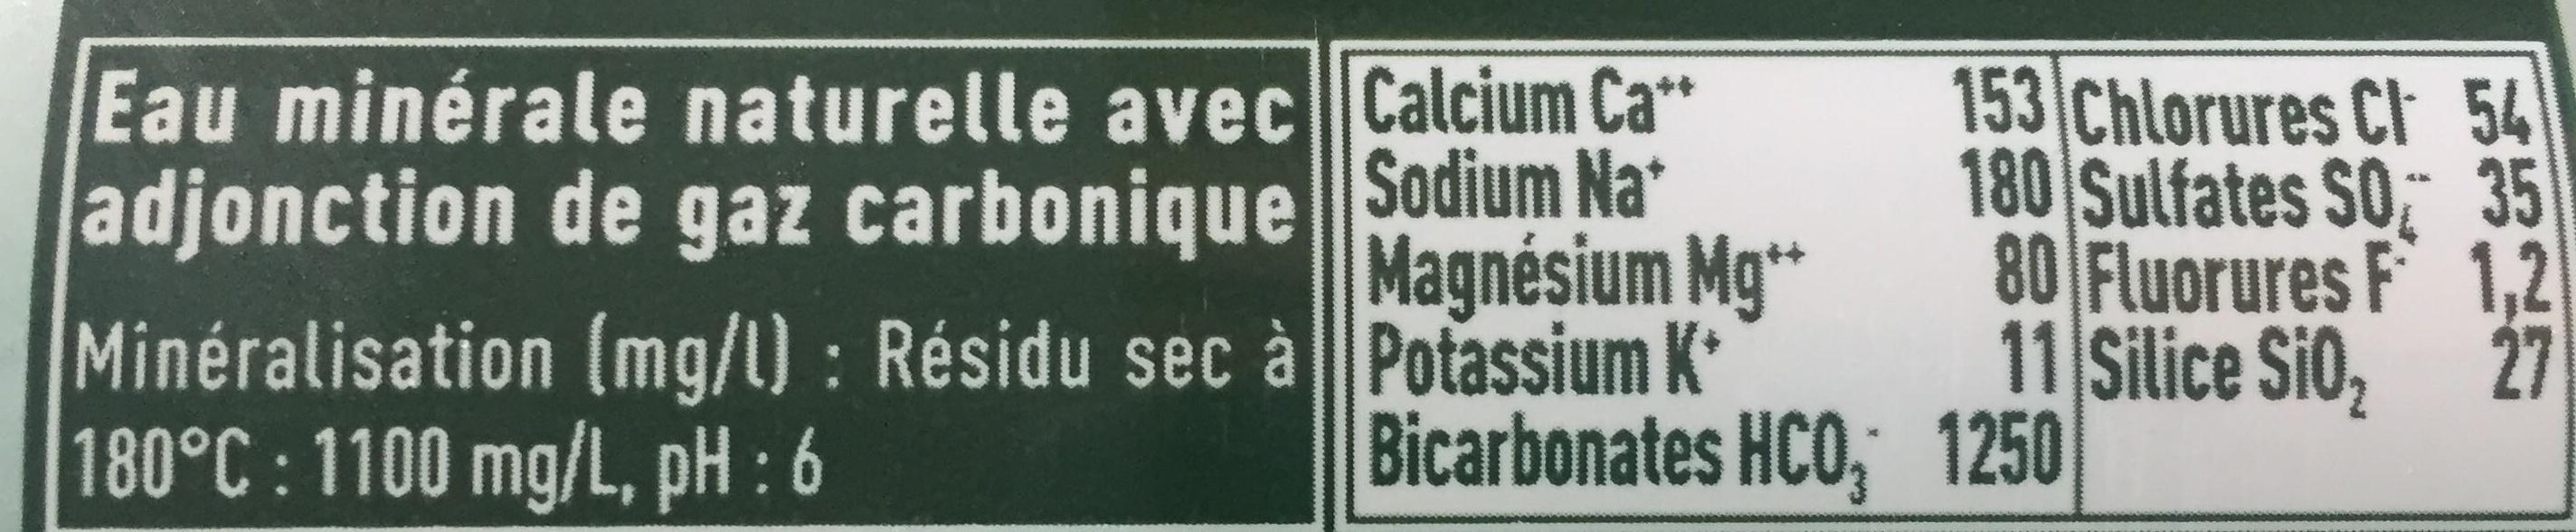 Badoit® - Informazioni nutrizionali - fr